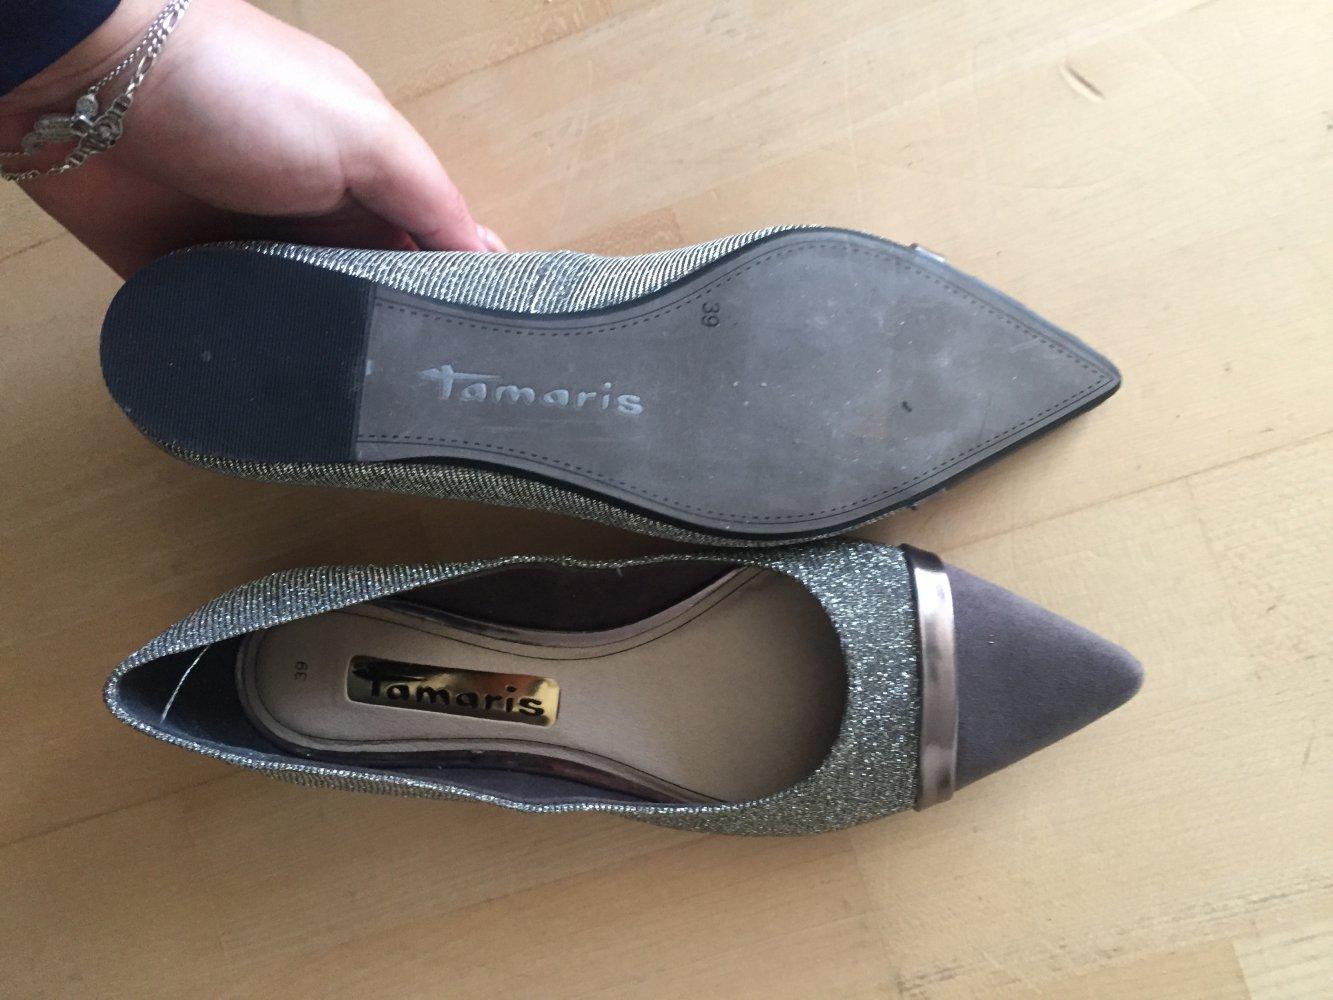 gut aussehen Schuhe verkaufen begrenzter Preis glatt Silbern glitzernde Ballerinas von Tamaris